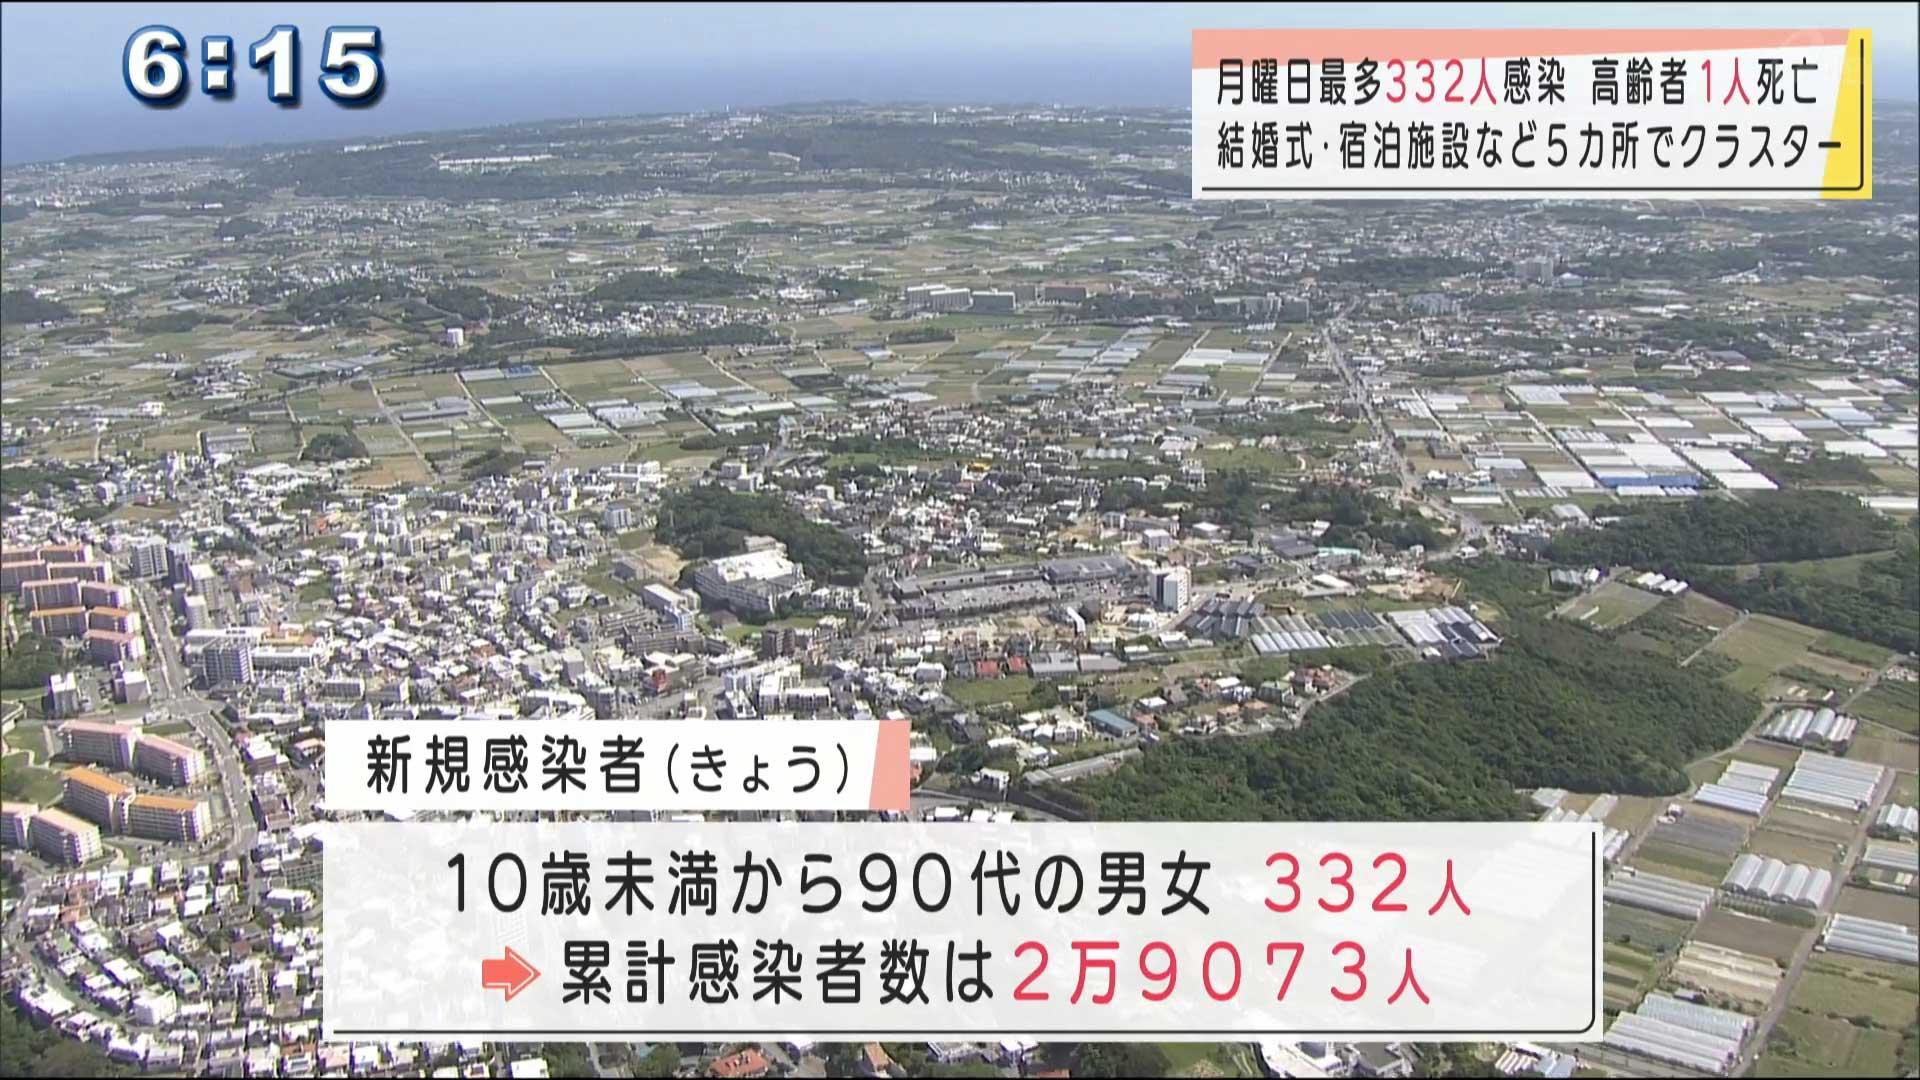 月曜日としては最多 沖縄県で新型コロナ332人感染1人死亡